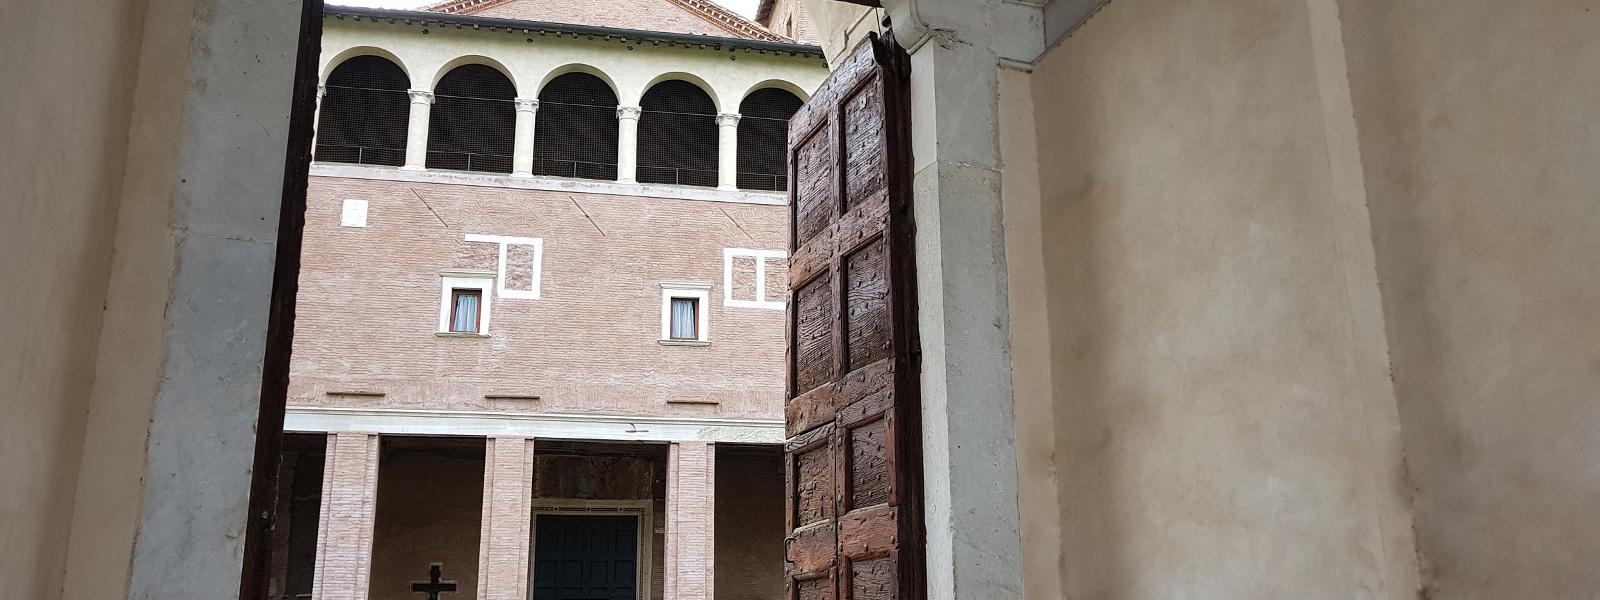 Portale d'ingresso al cortile della Basilica di san Saba sull'Aventino minore, Roma